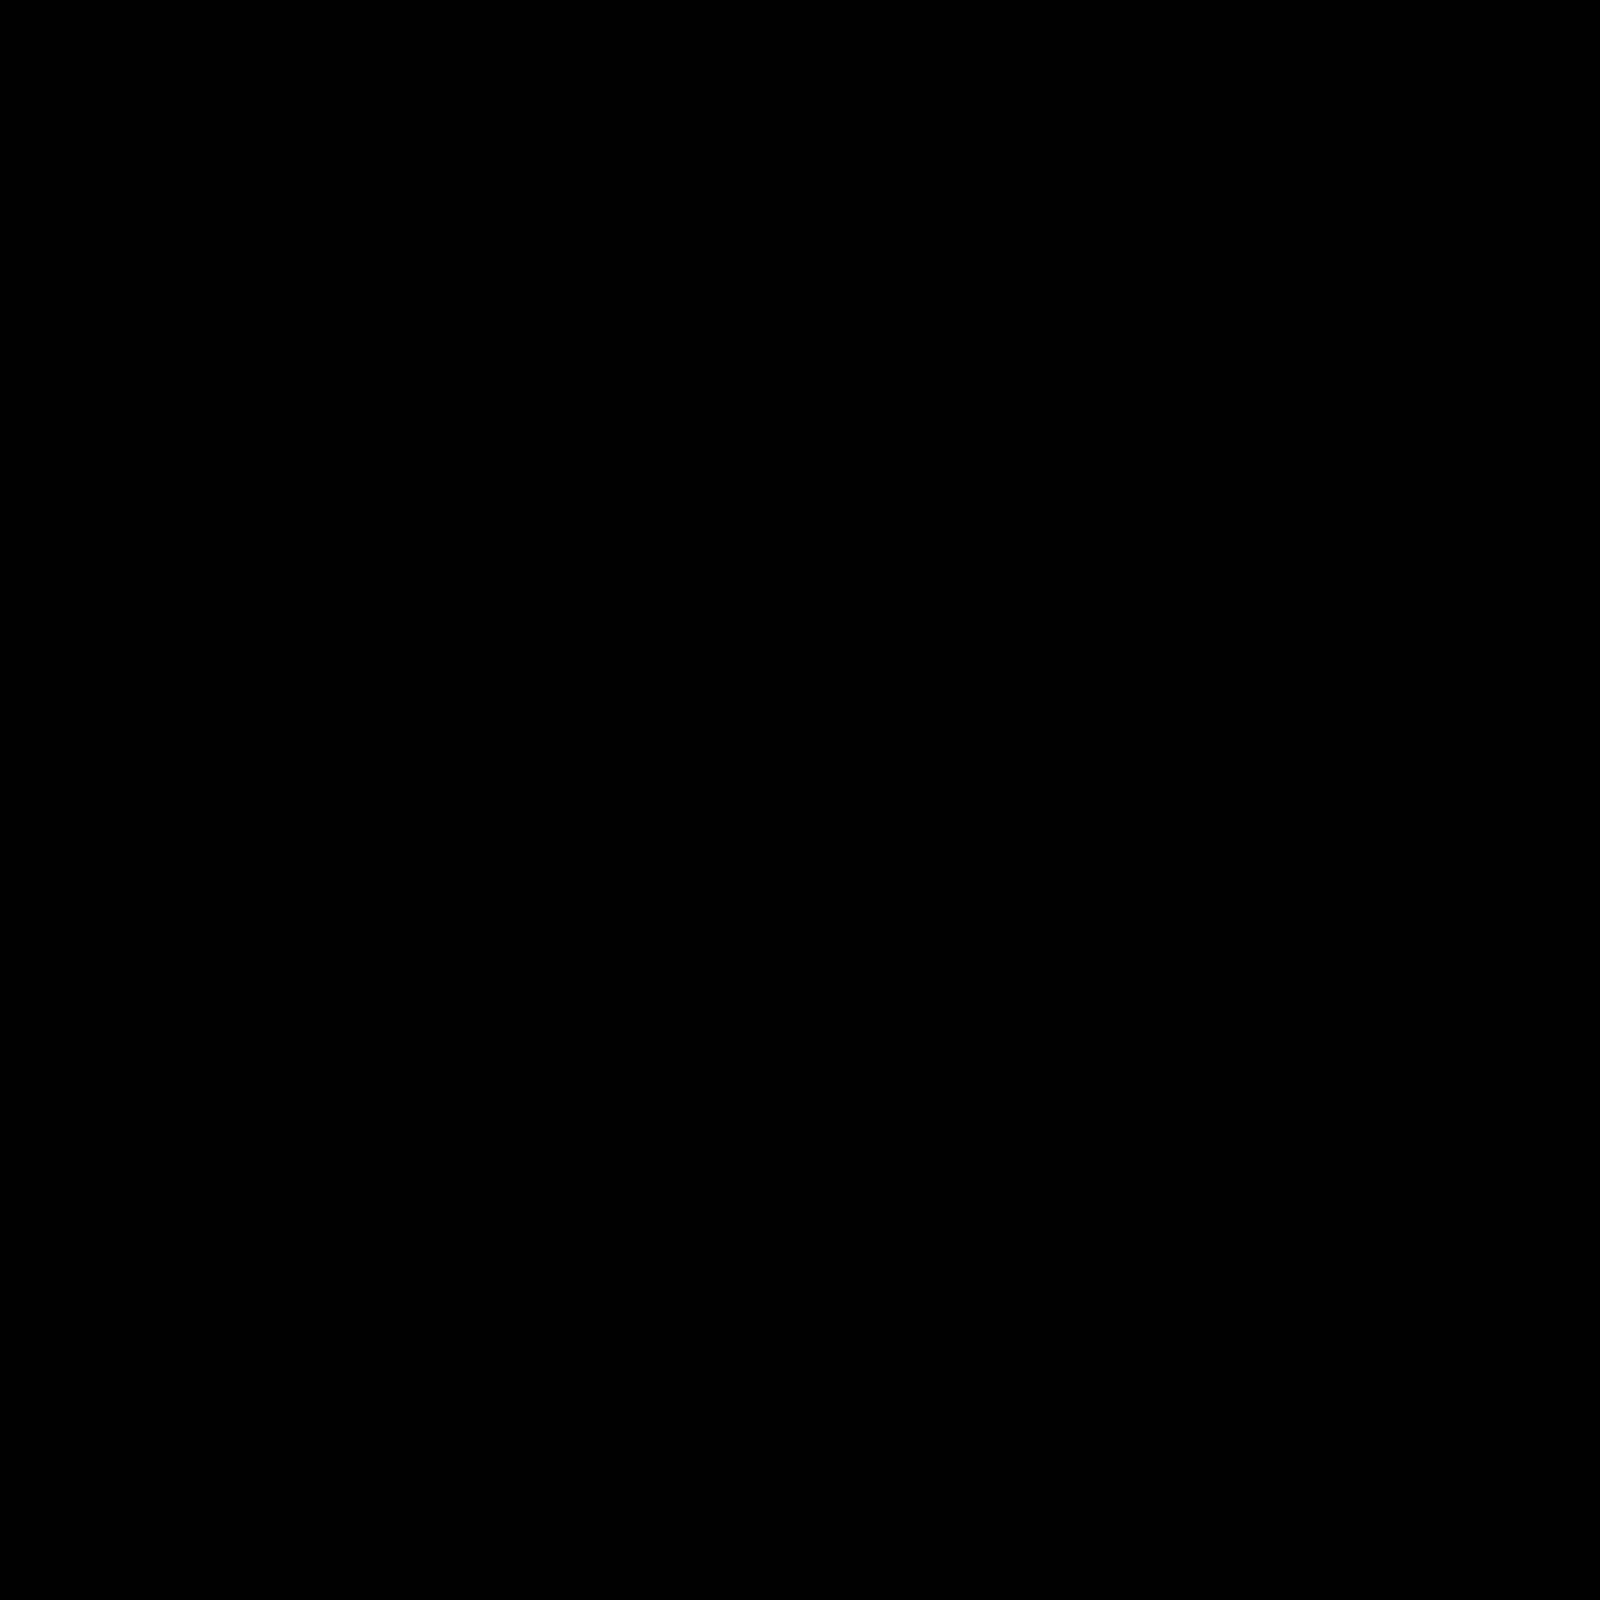 Mniejszy lub równy 2 icon